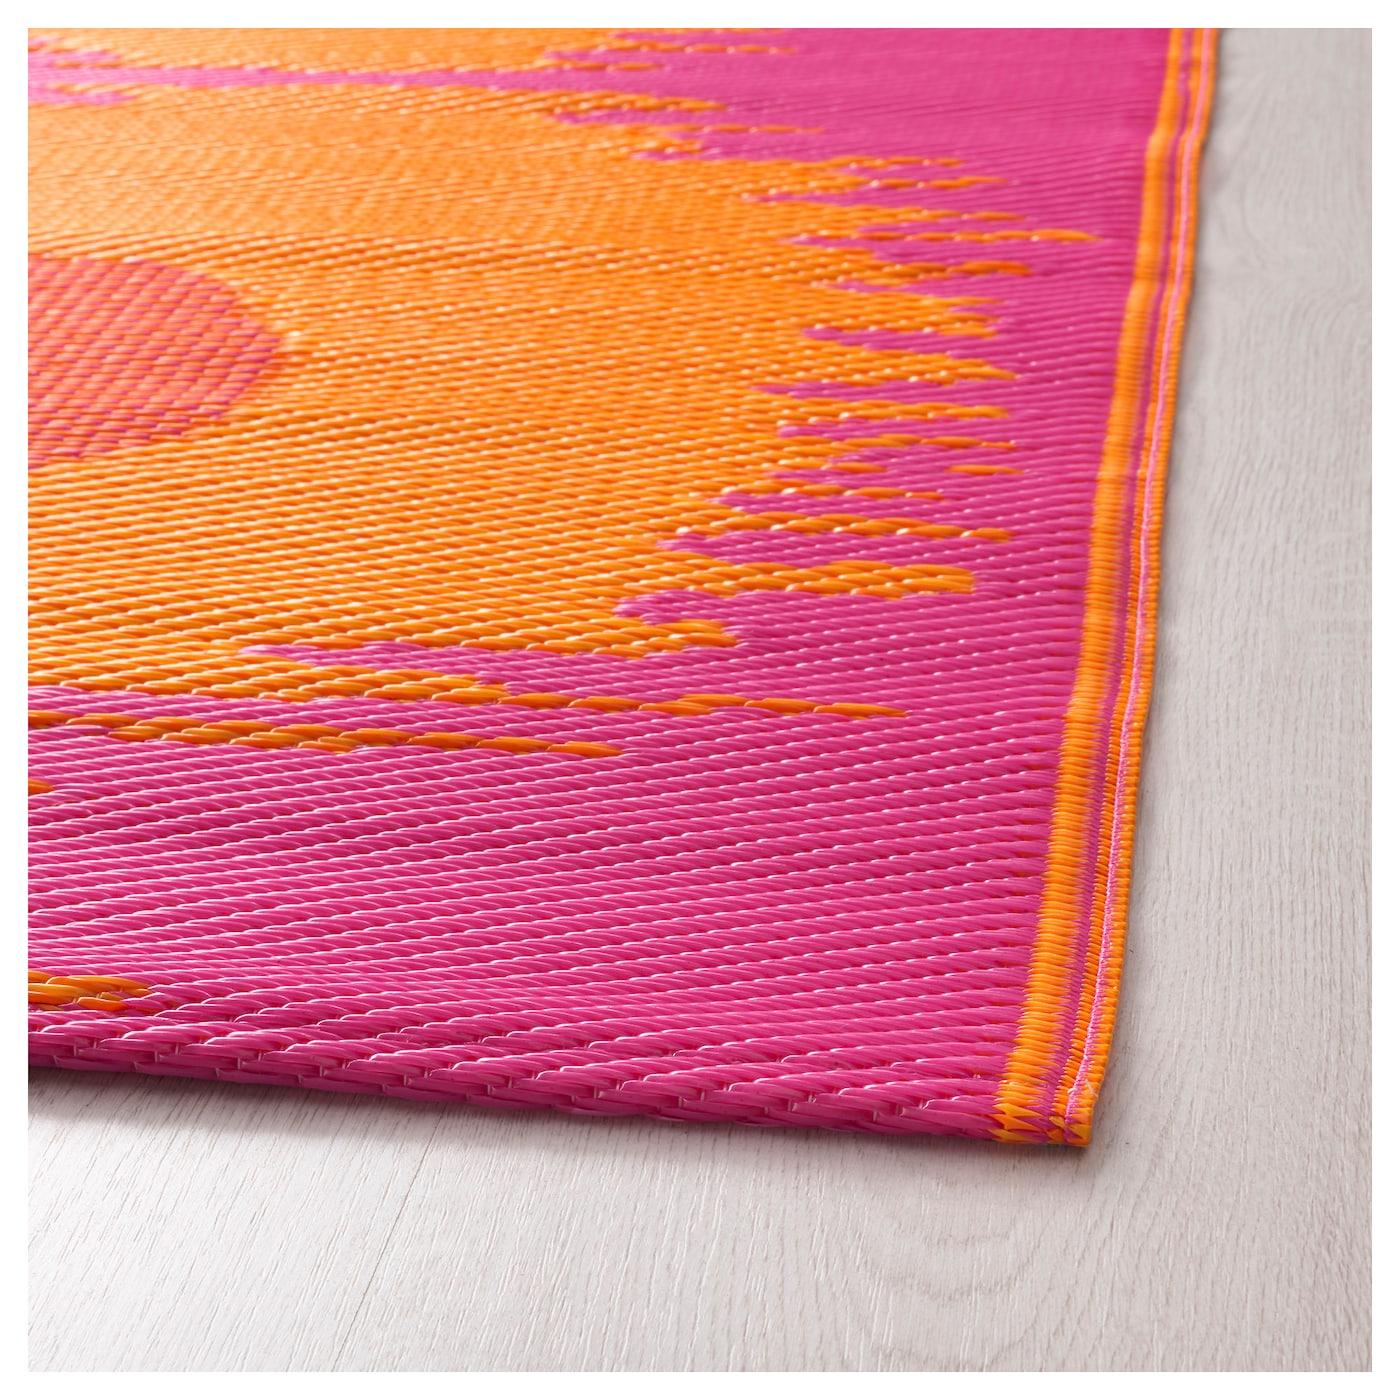 Ikea Waterproof Rug: SOMMAR 2017 Rug, Flatwoven In/outdoor Pink/orange 75x200